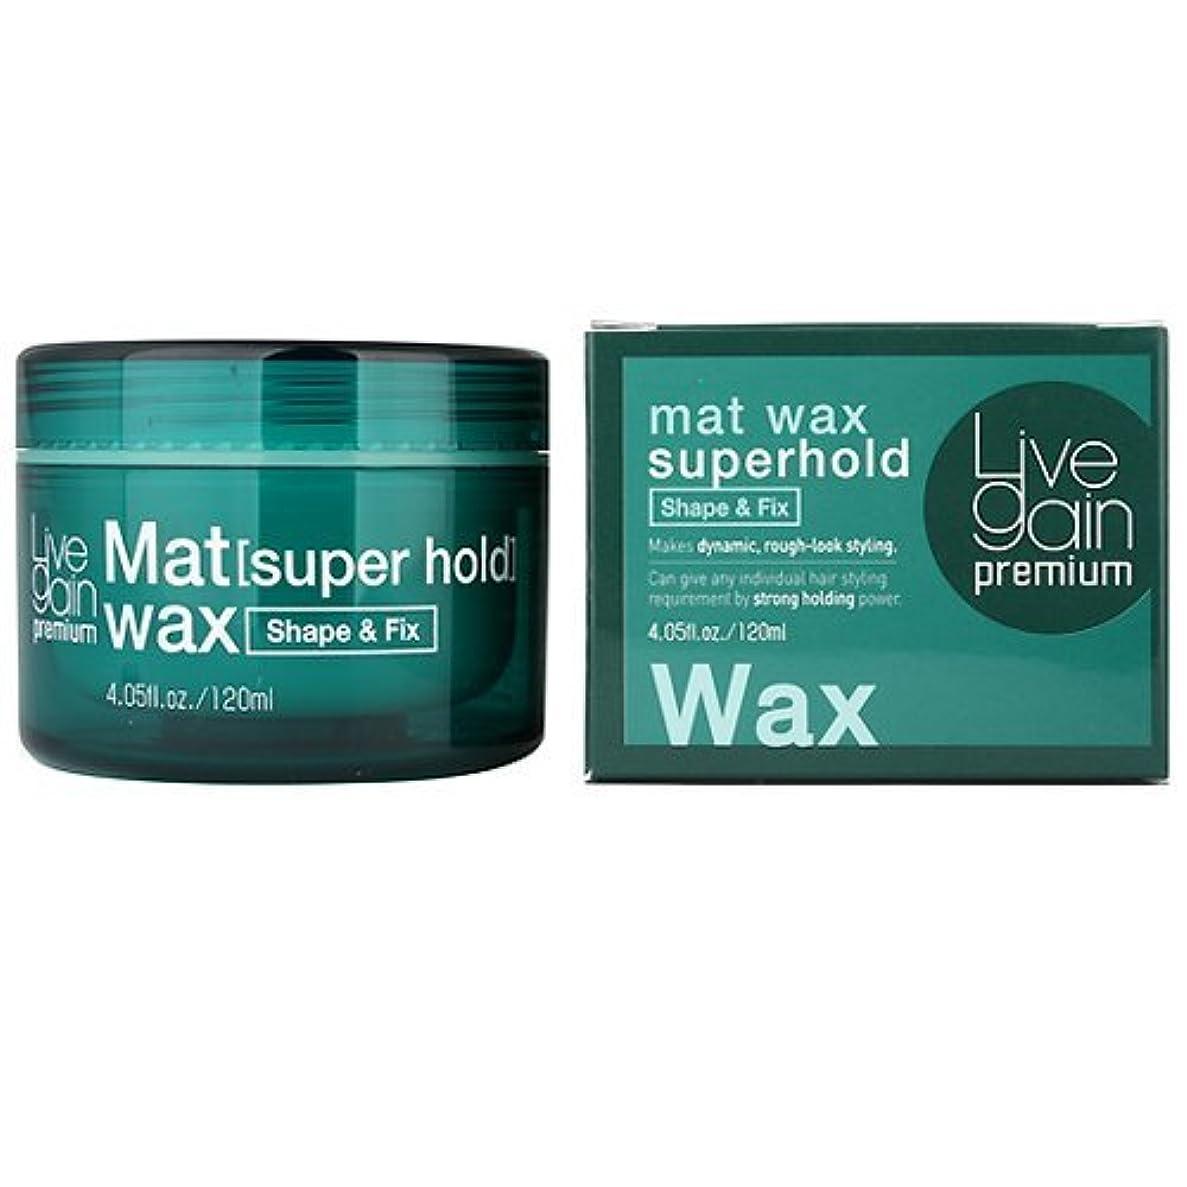 対人ハードウェア仕えるLivegain プレミアム マット ワックス スーパーホールド 120ml マット ヘア ワックス ストロング ホールド (Premium Mat Wax Superhold 120ml Matte Hair wax...